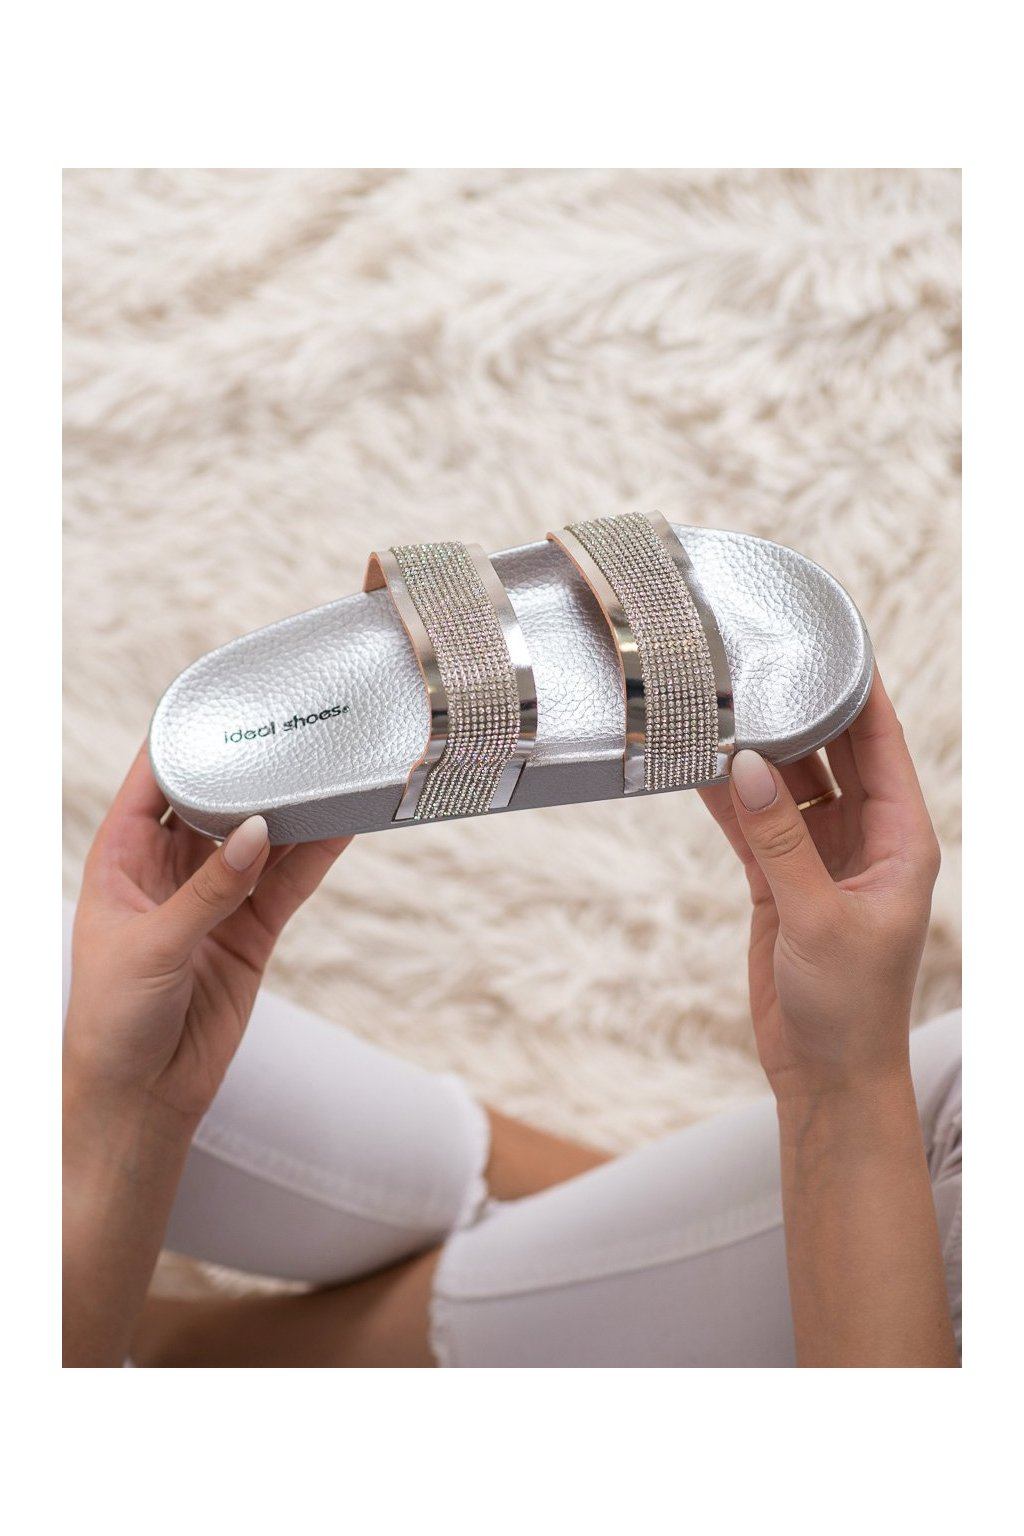 Sivé šľapky Ideal shoes kod K-9177S